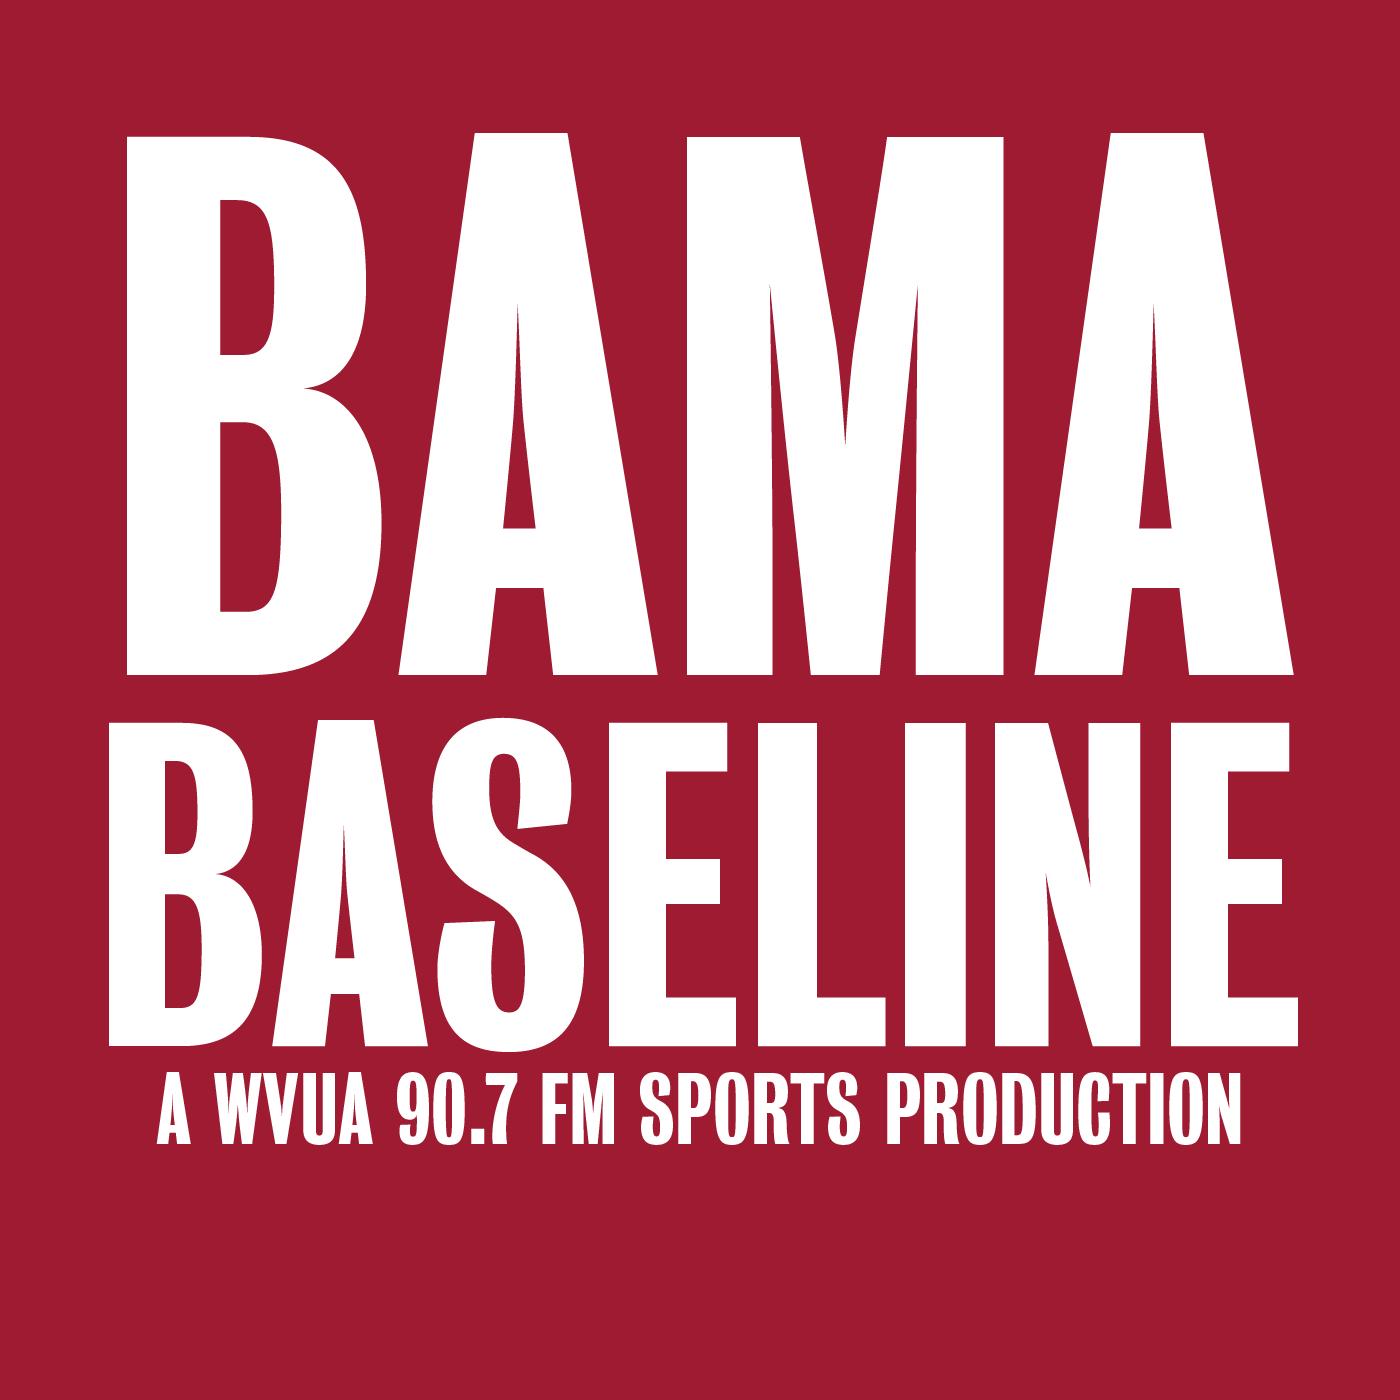 Bama Baseline, A WVUA 90.7 FM Sports Production